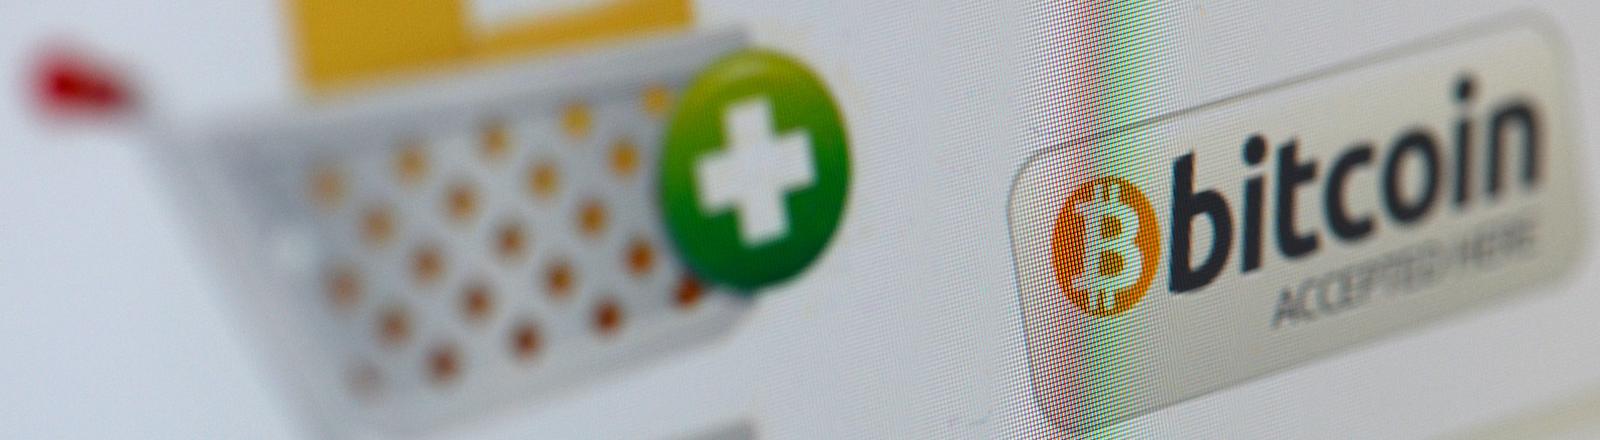 Auf einer Website wird am 06.11.2013 in Berlin die virtuelle Währung Bitcoin als Zahlungsmittel für den elektronischen Handel, den sogenannten E-Commerce, vorgestellt.